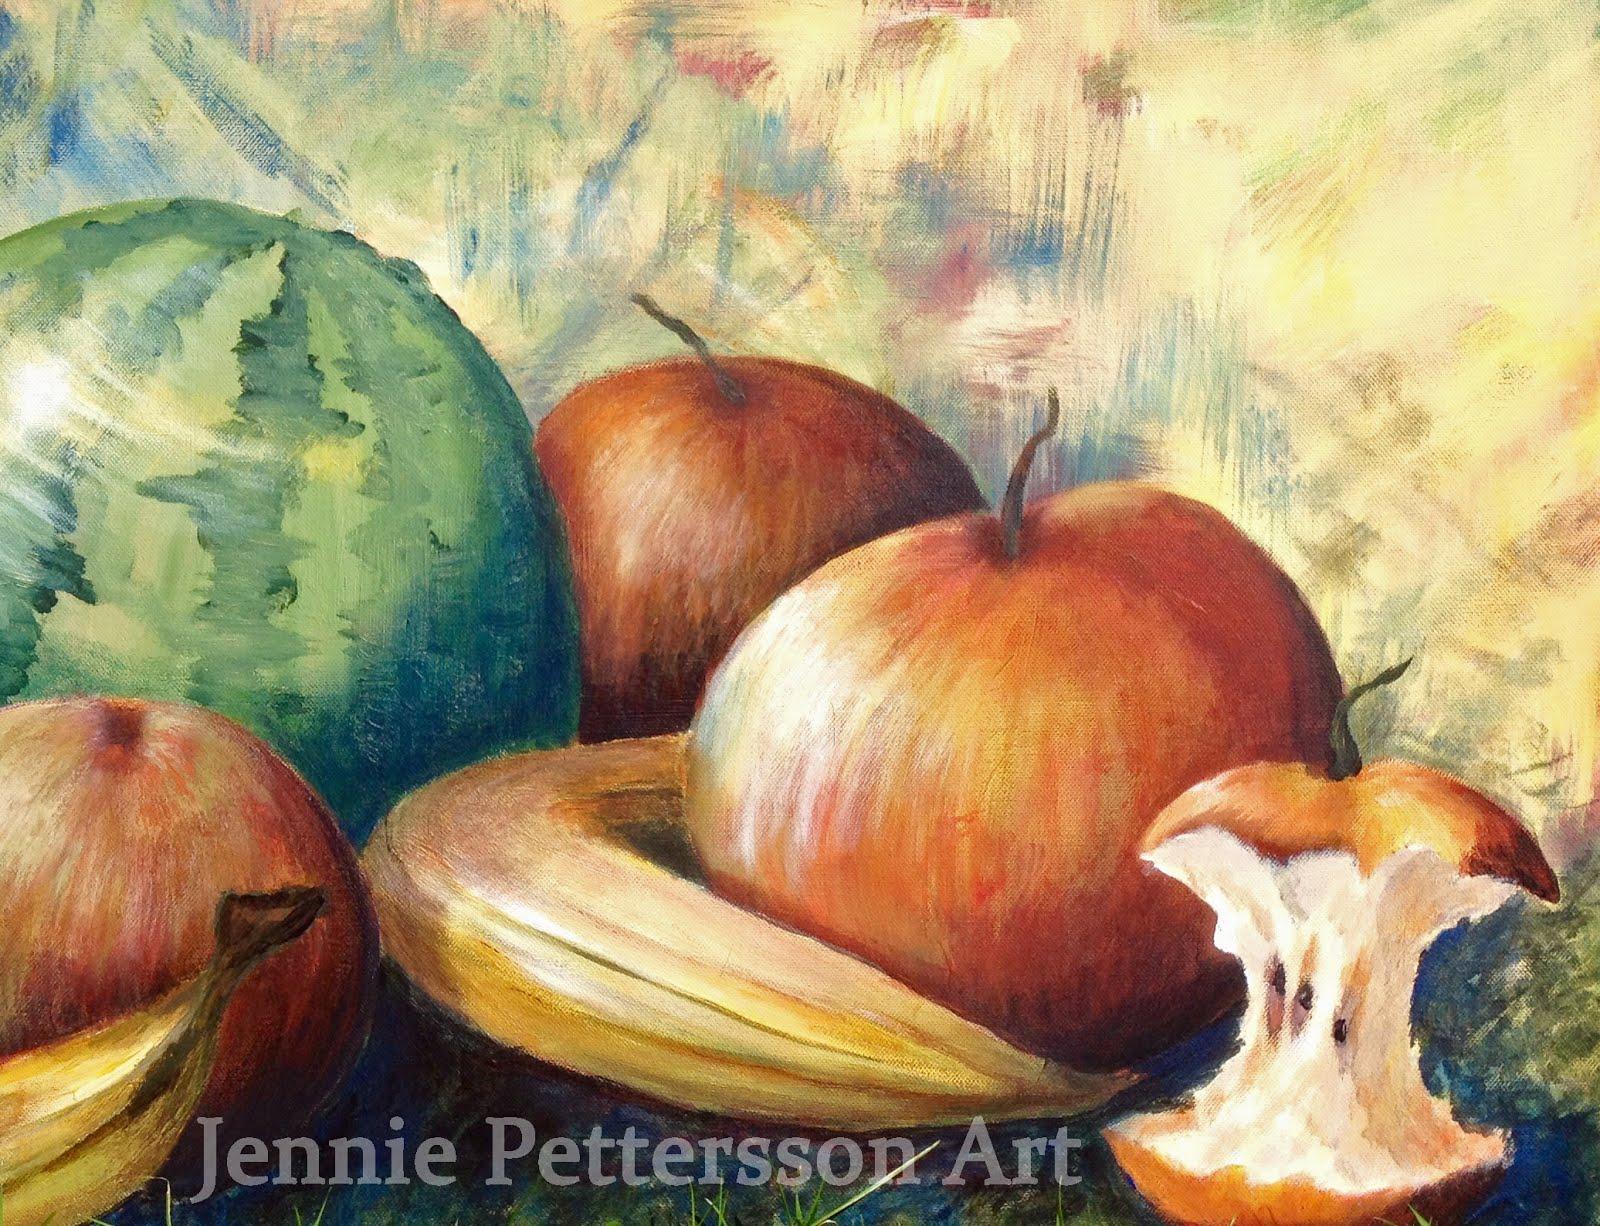 Ett äpple om dagen, akrylmålning.